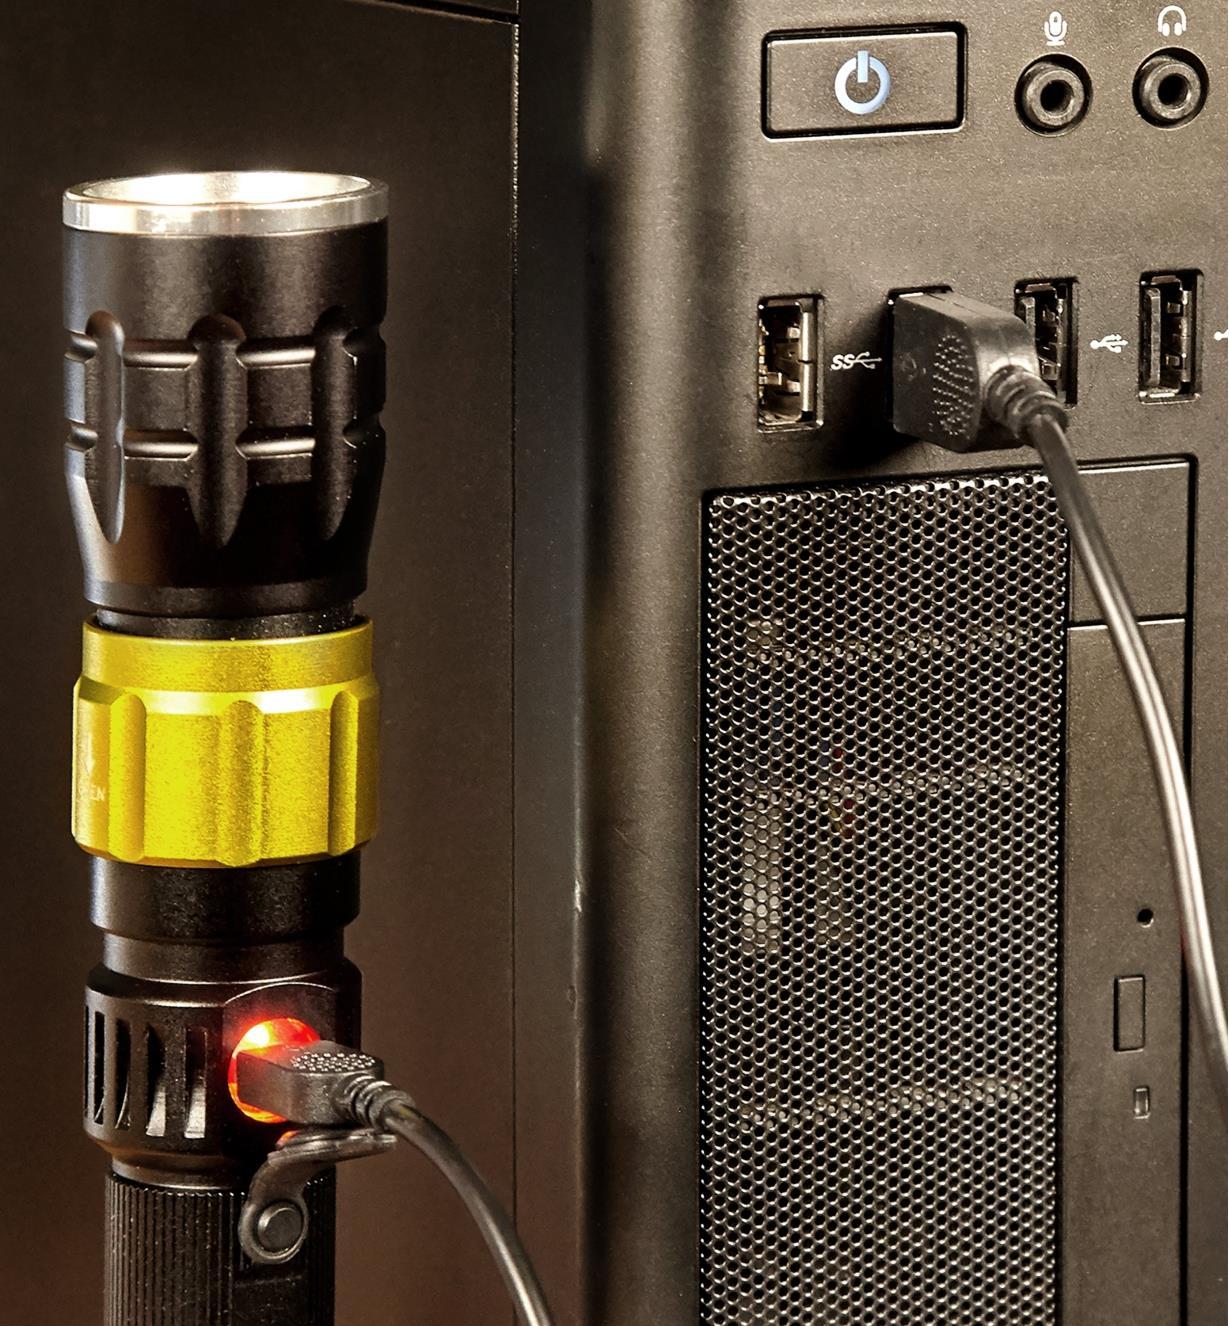 Lampe de travail 3-en-1 branchée à un ordinateur au moyen d'un câble USB pour en recharger la pile aux ions de lithium